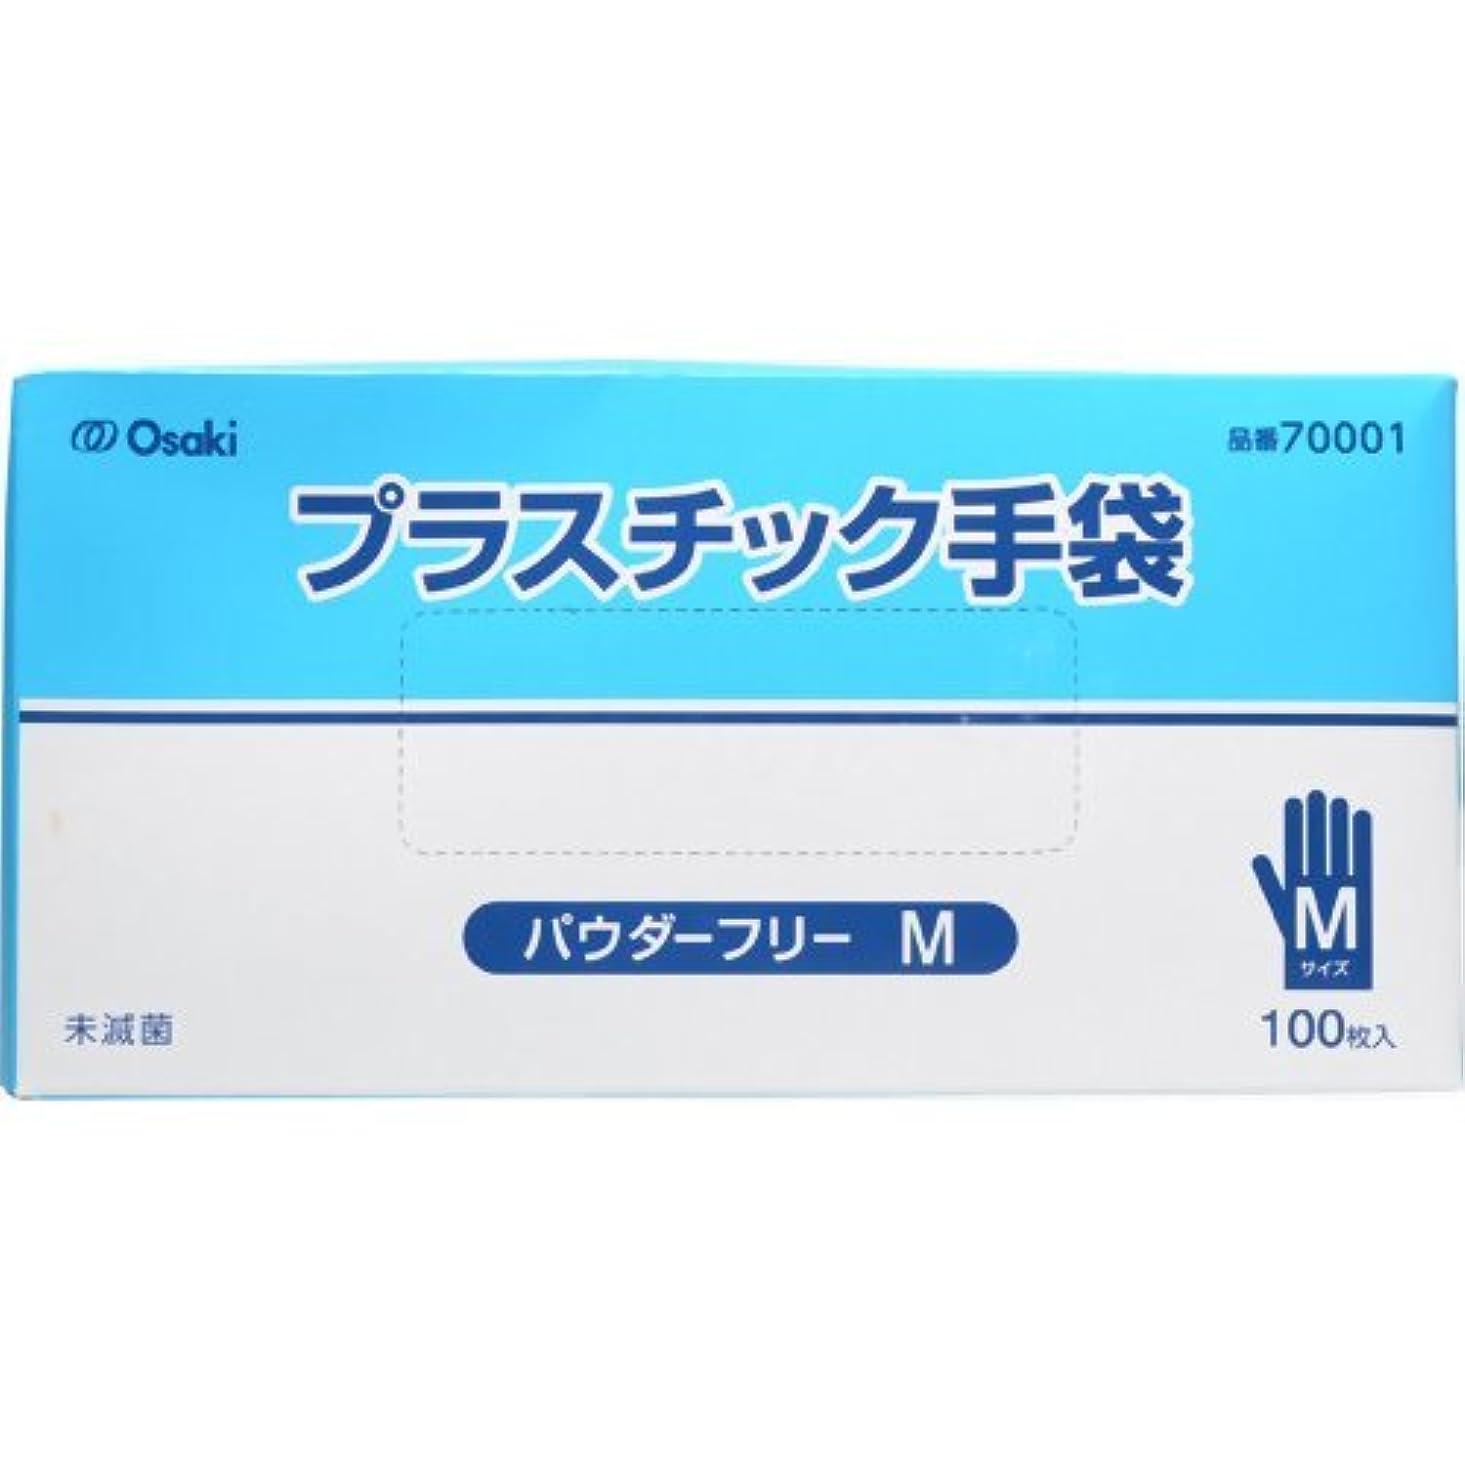 ドアシンポジウムシェアオオサキメディカル プラスチック手袋 PF Mサイズ 100枚入